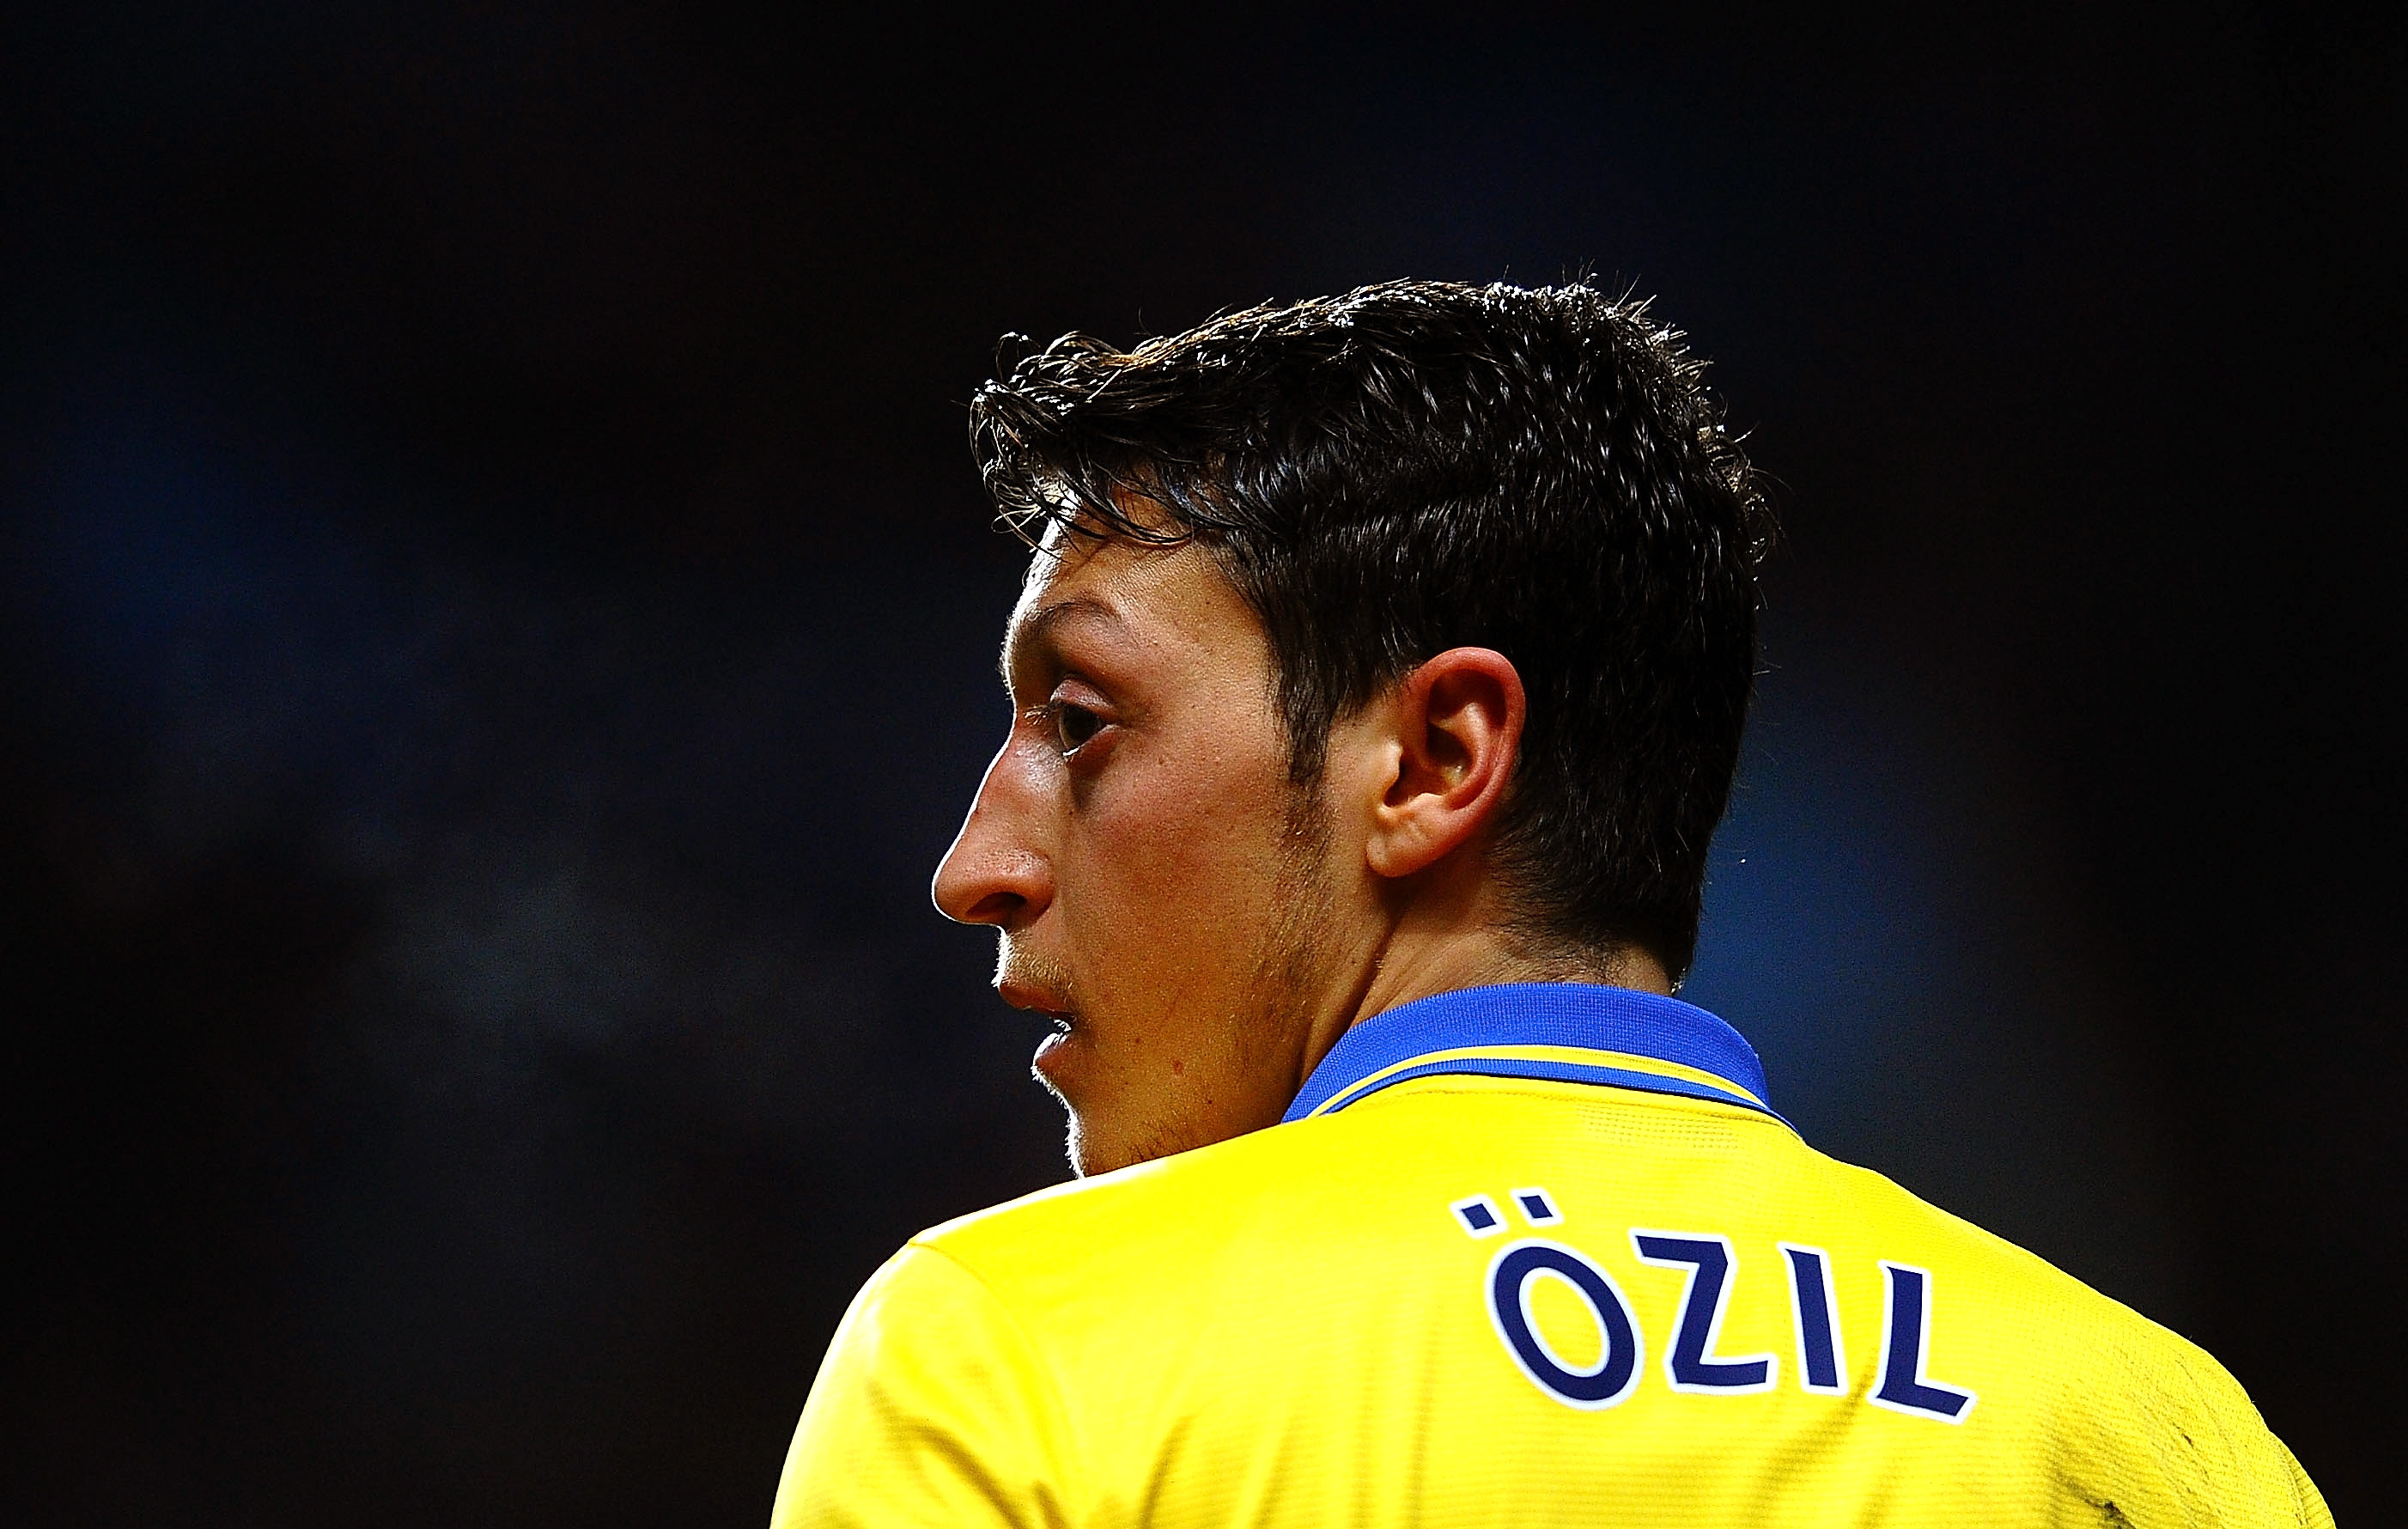 """""""Only god can judge me"""": Özil betet während Nationalhymne – trotz Kritik"""